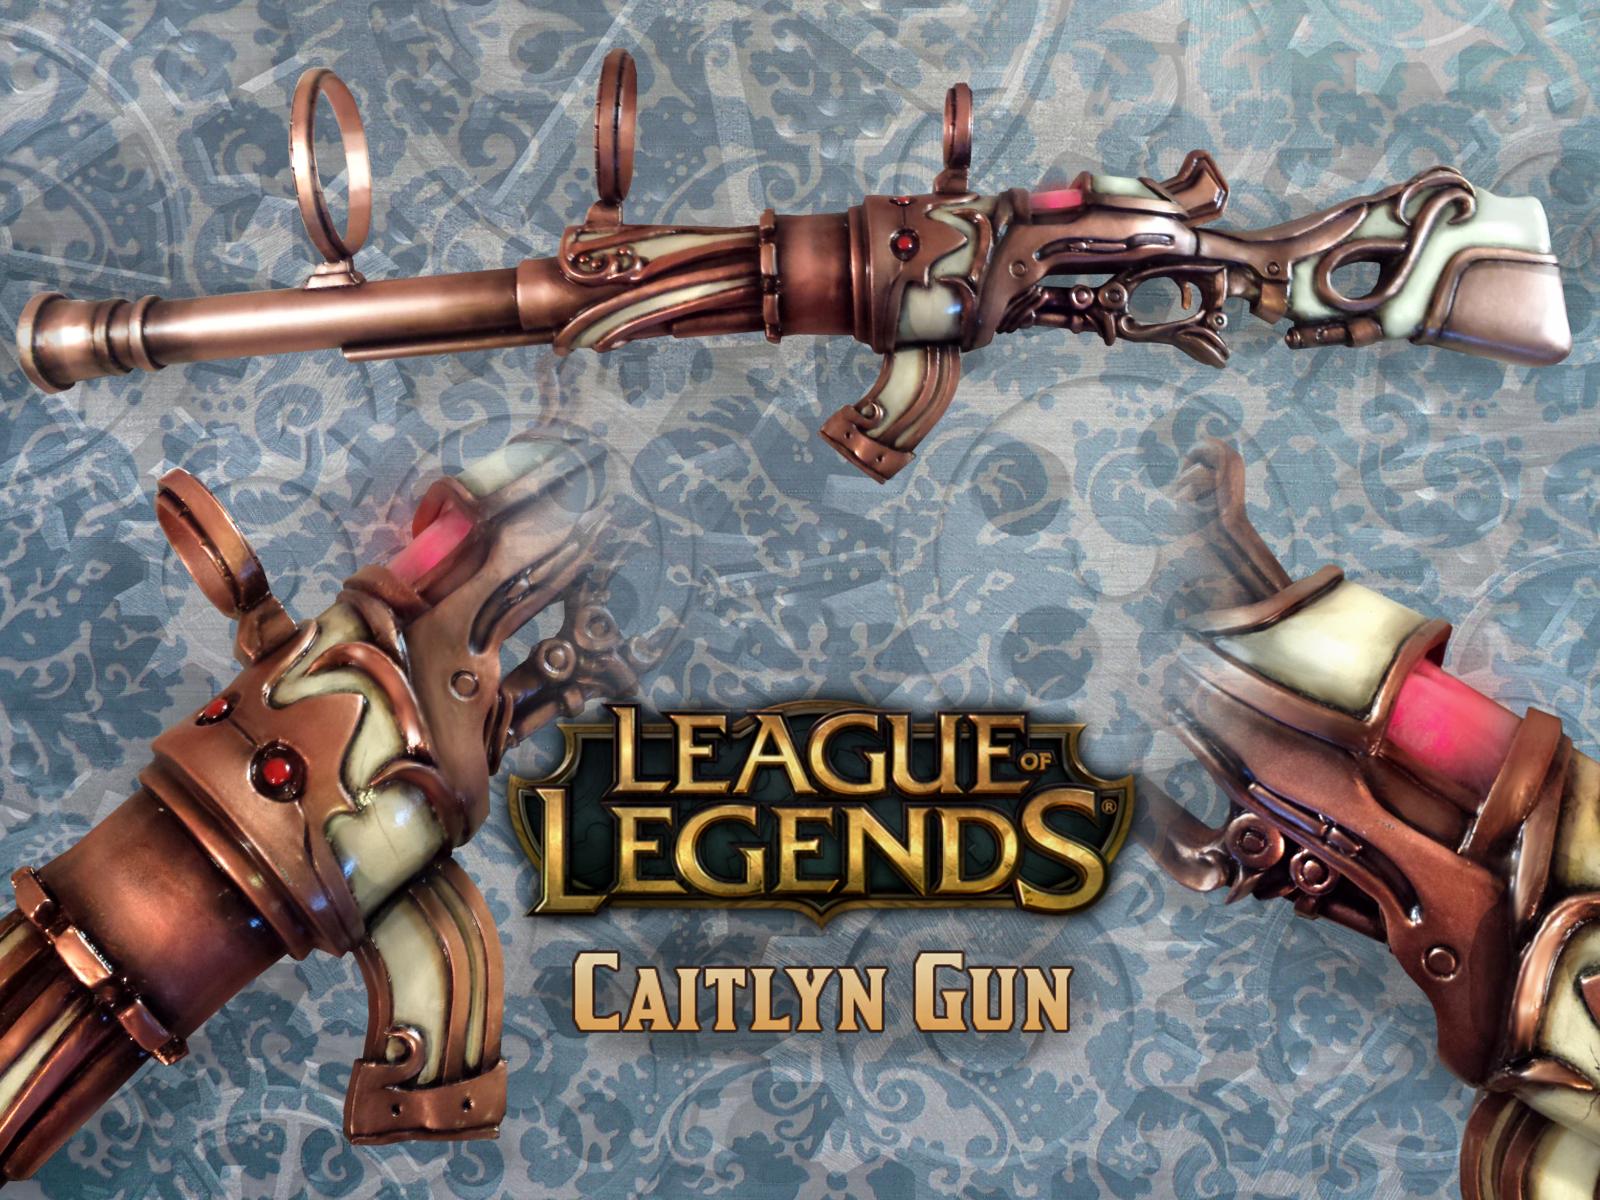 Caitlyn Gun